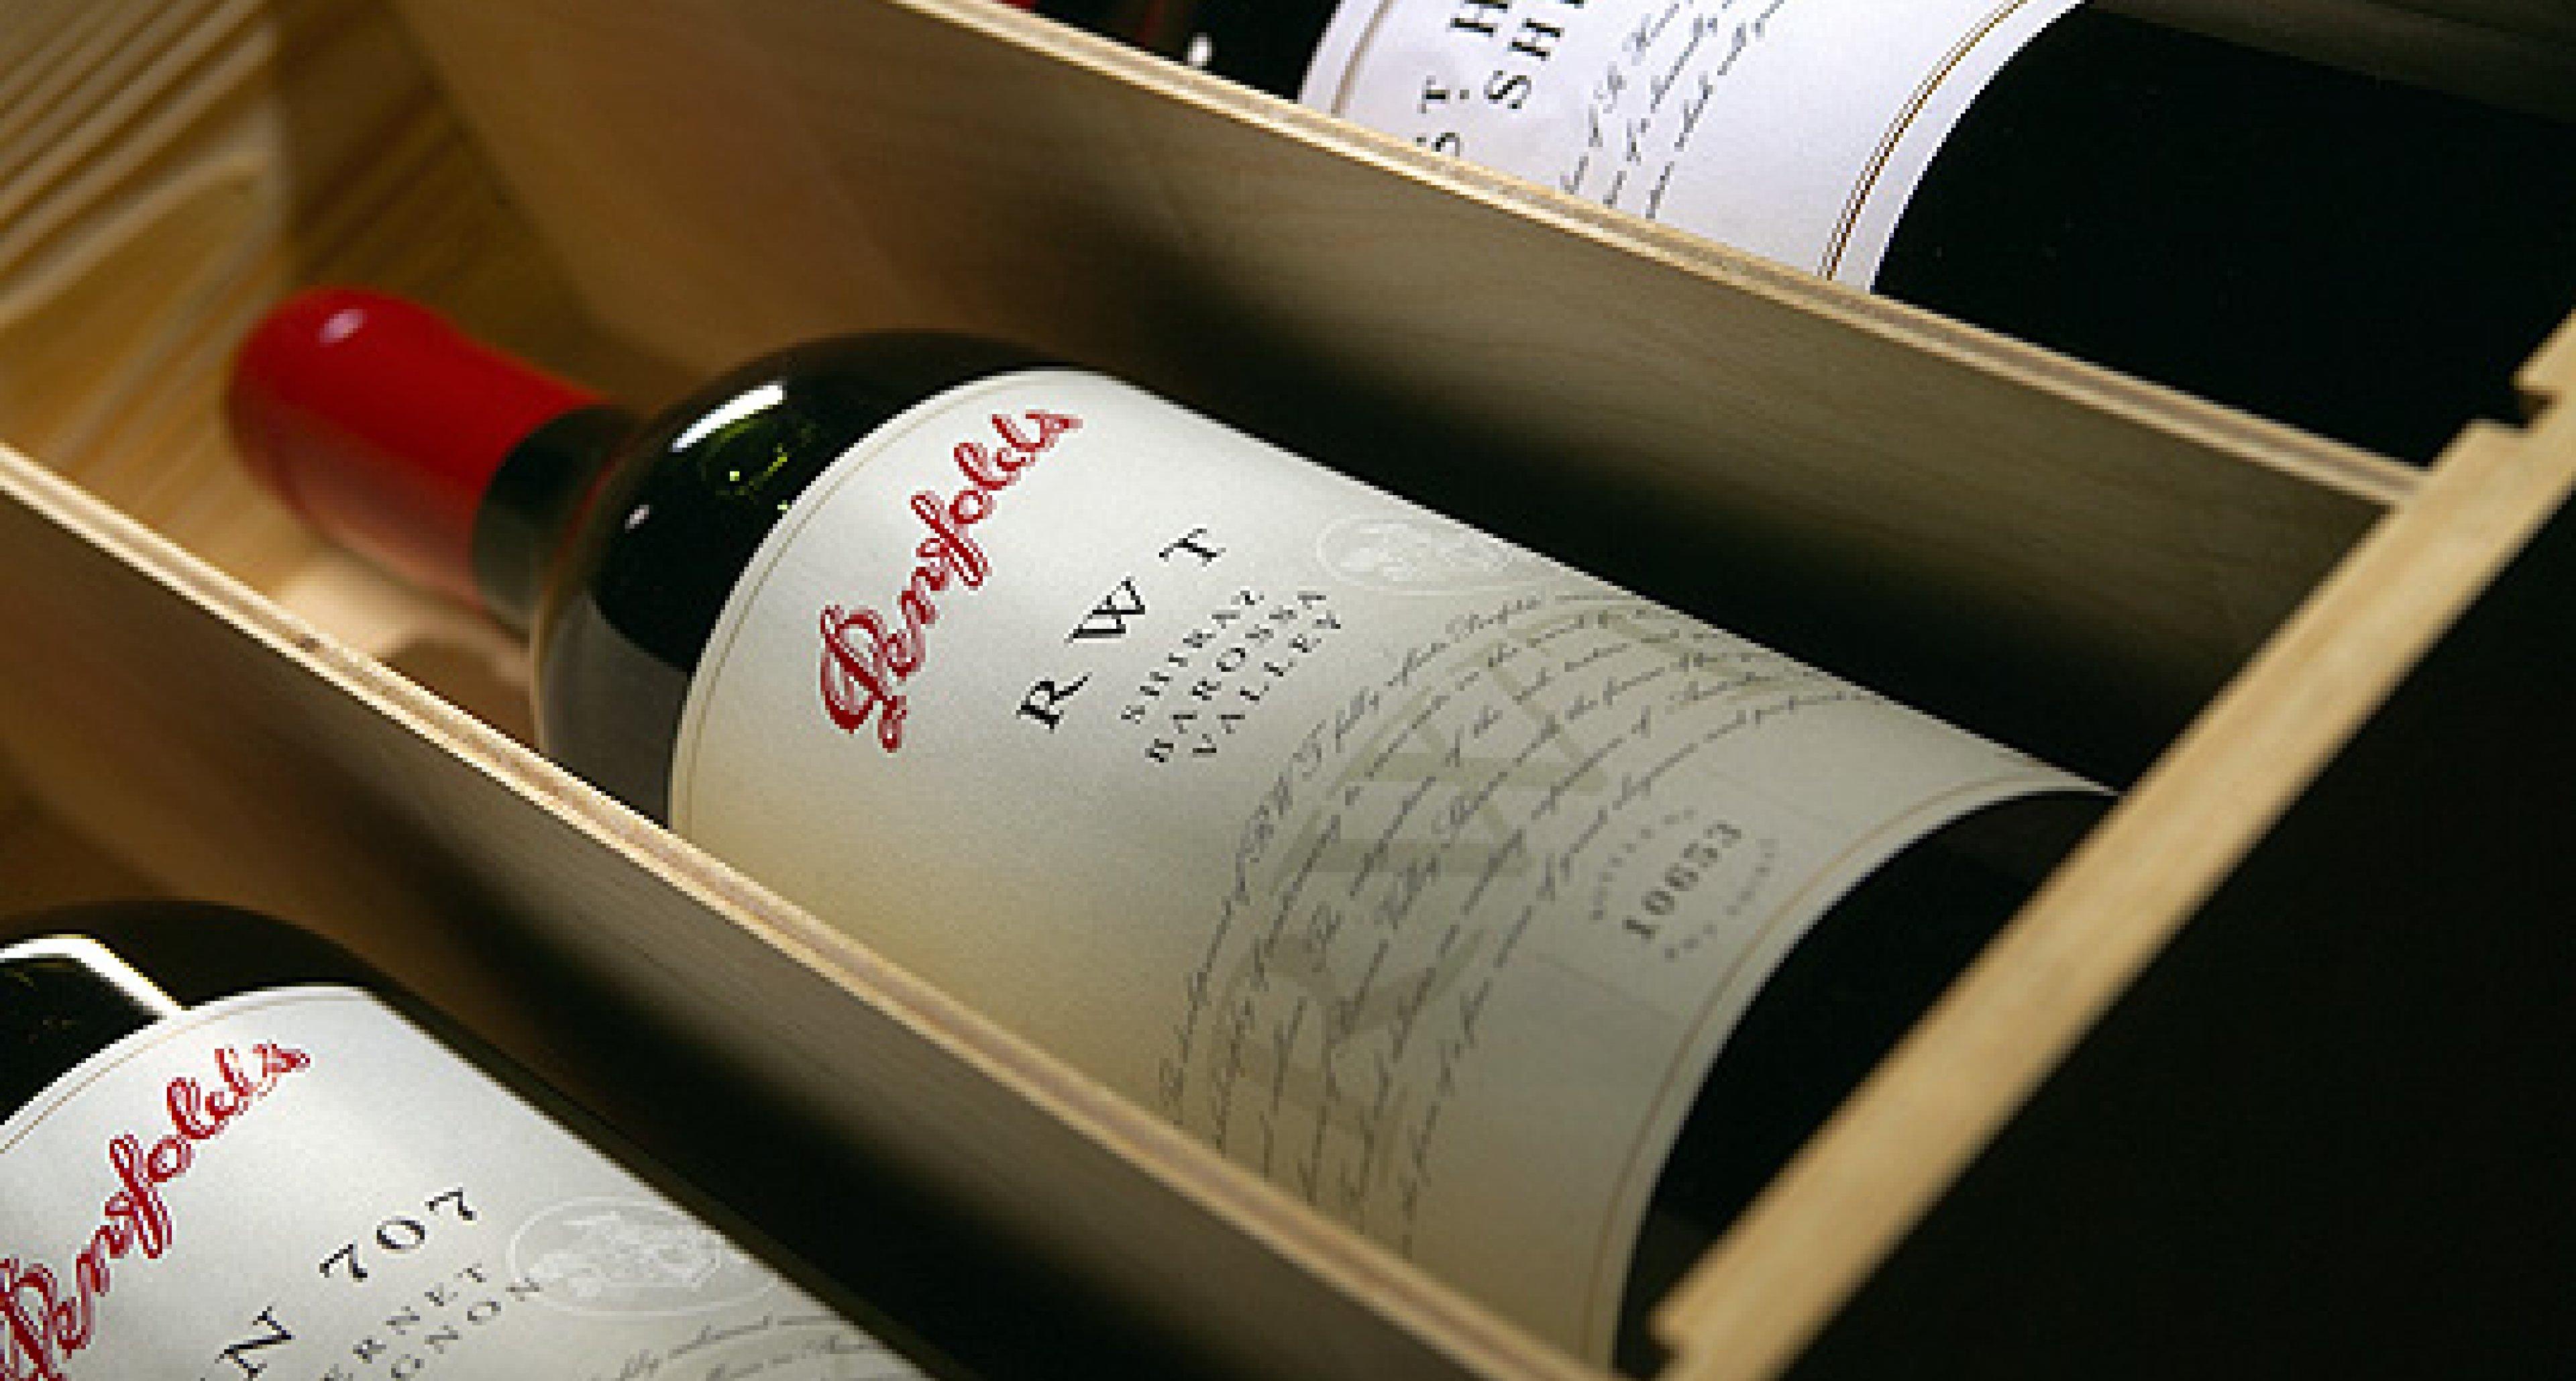 Penfolds Wein: Australiens beste Trauben